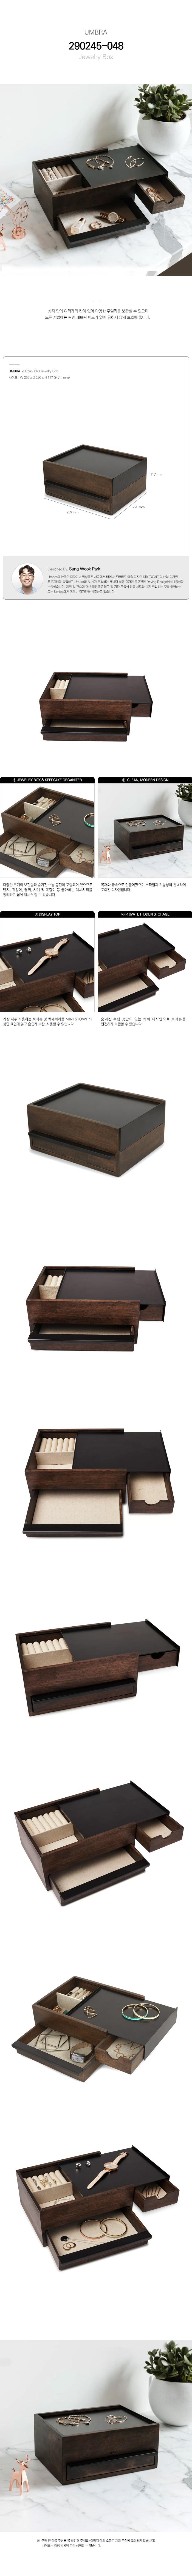 Stowit-Walnut_-Jewelry_Box_180403.jpg